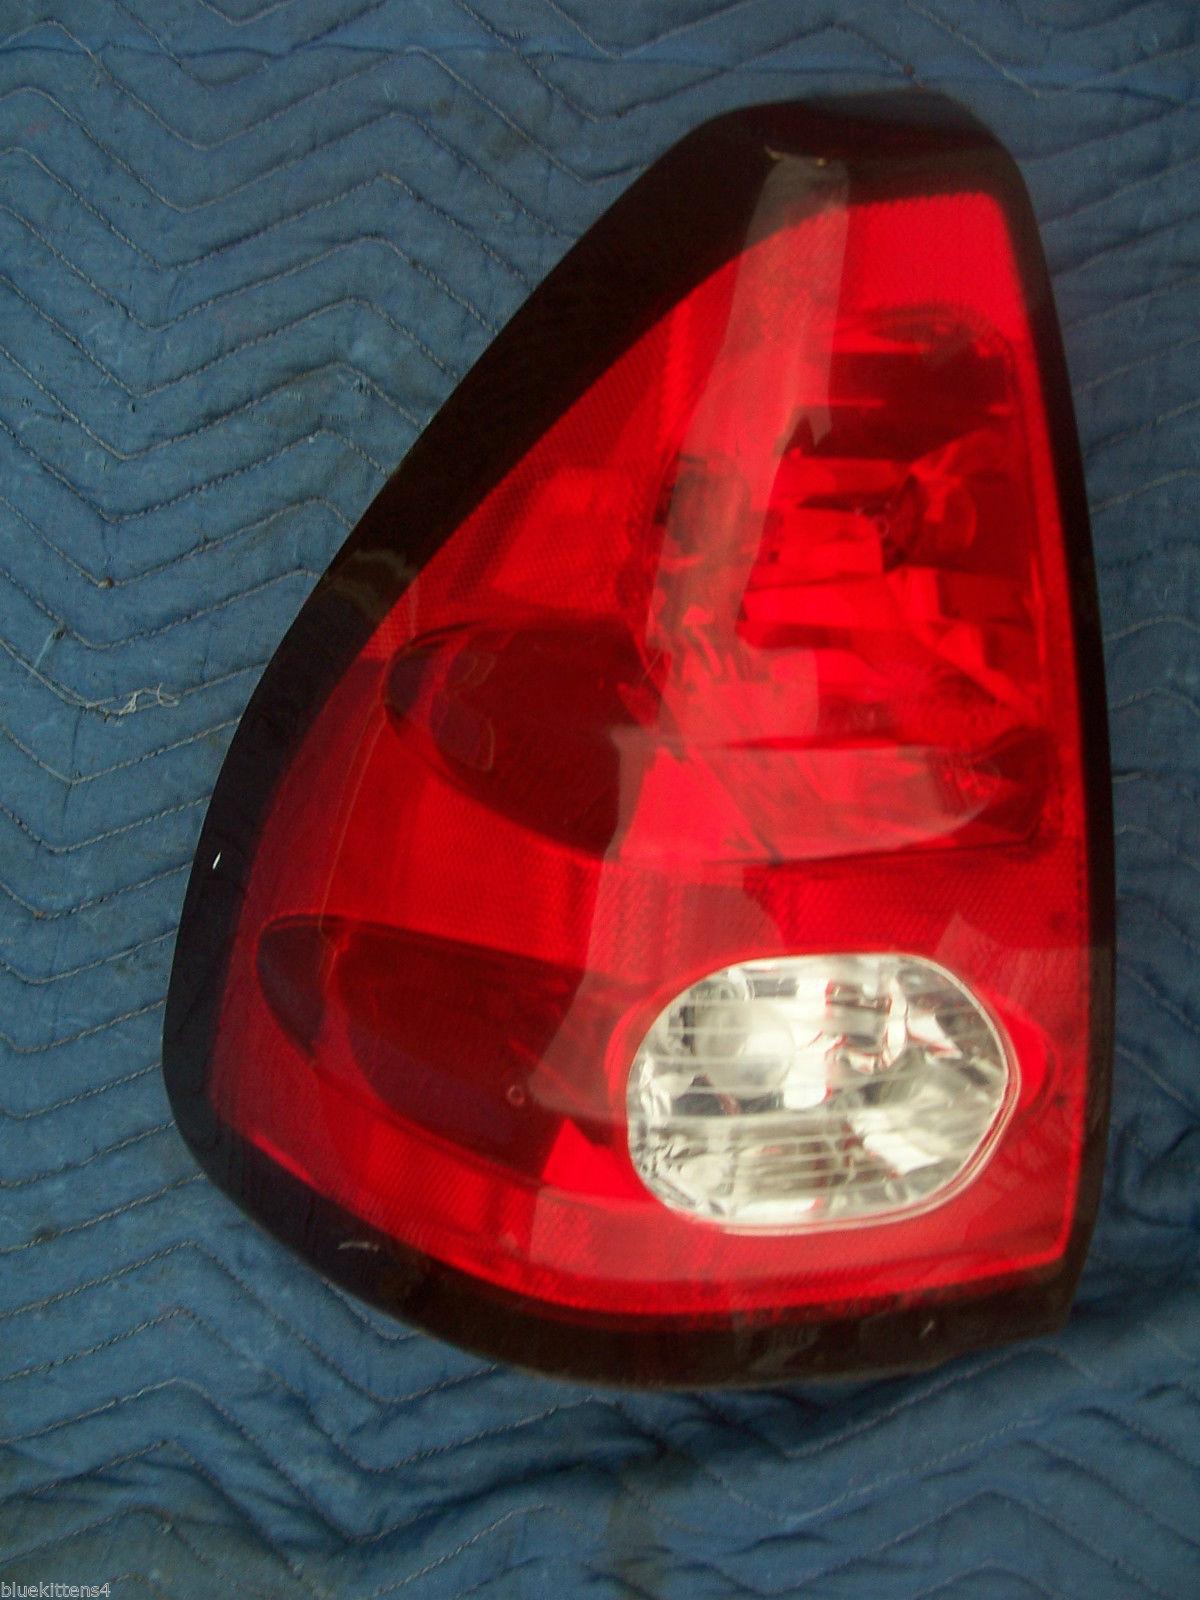 2001 AZTEC LEFT TAILLIGHT OEM USED ORIGINAL PONTIAC GM PART 2002 2003 2004 2005